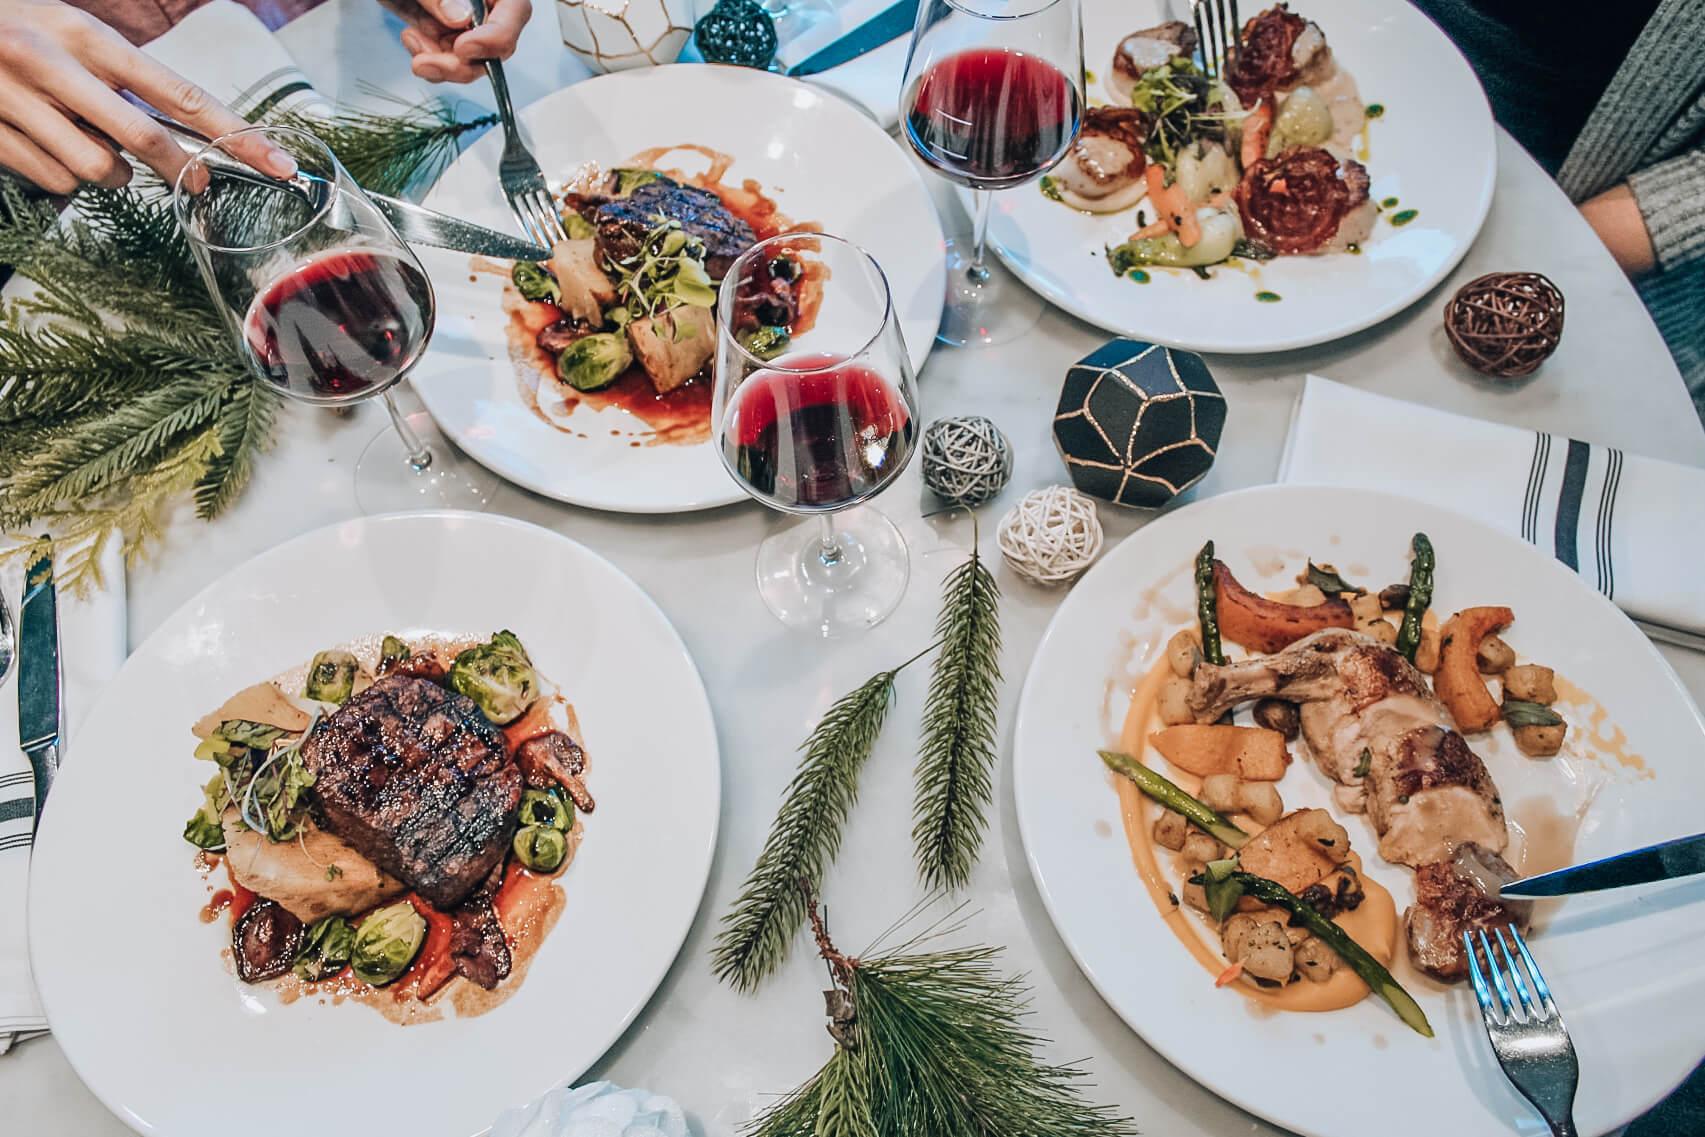 Table d'hôte souper de Noël | Maggie Oakes | restaurant Vieux-Montréal